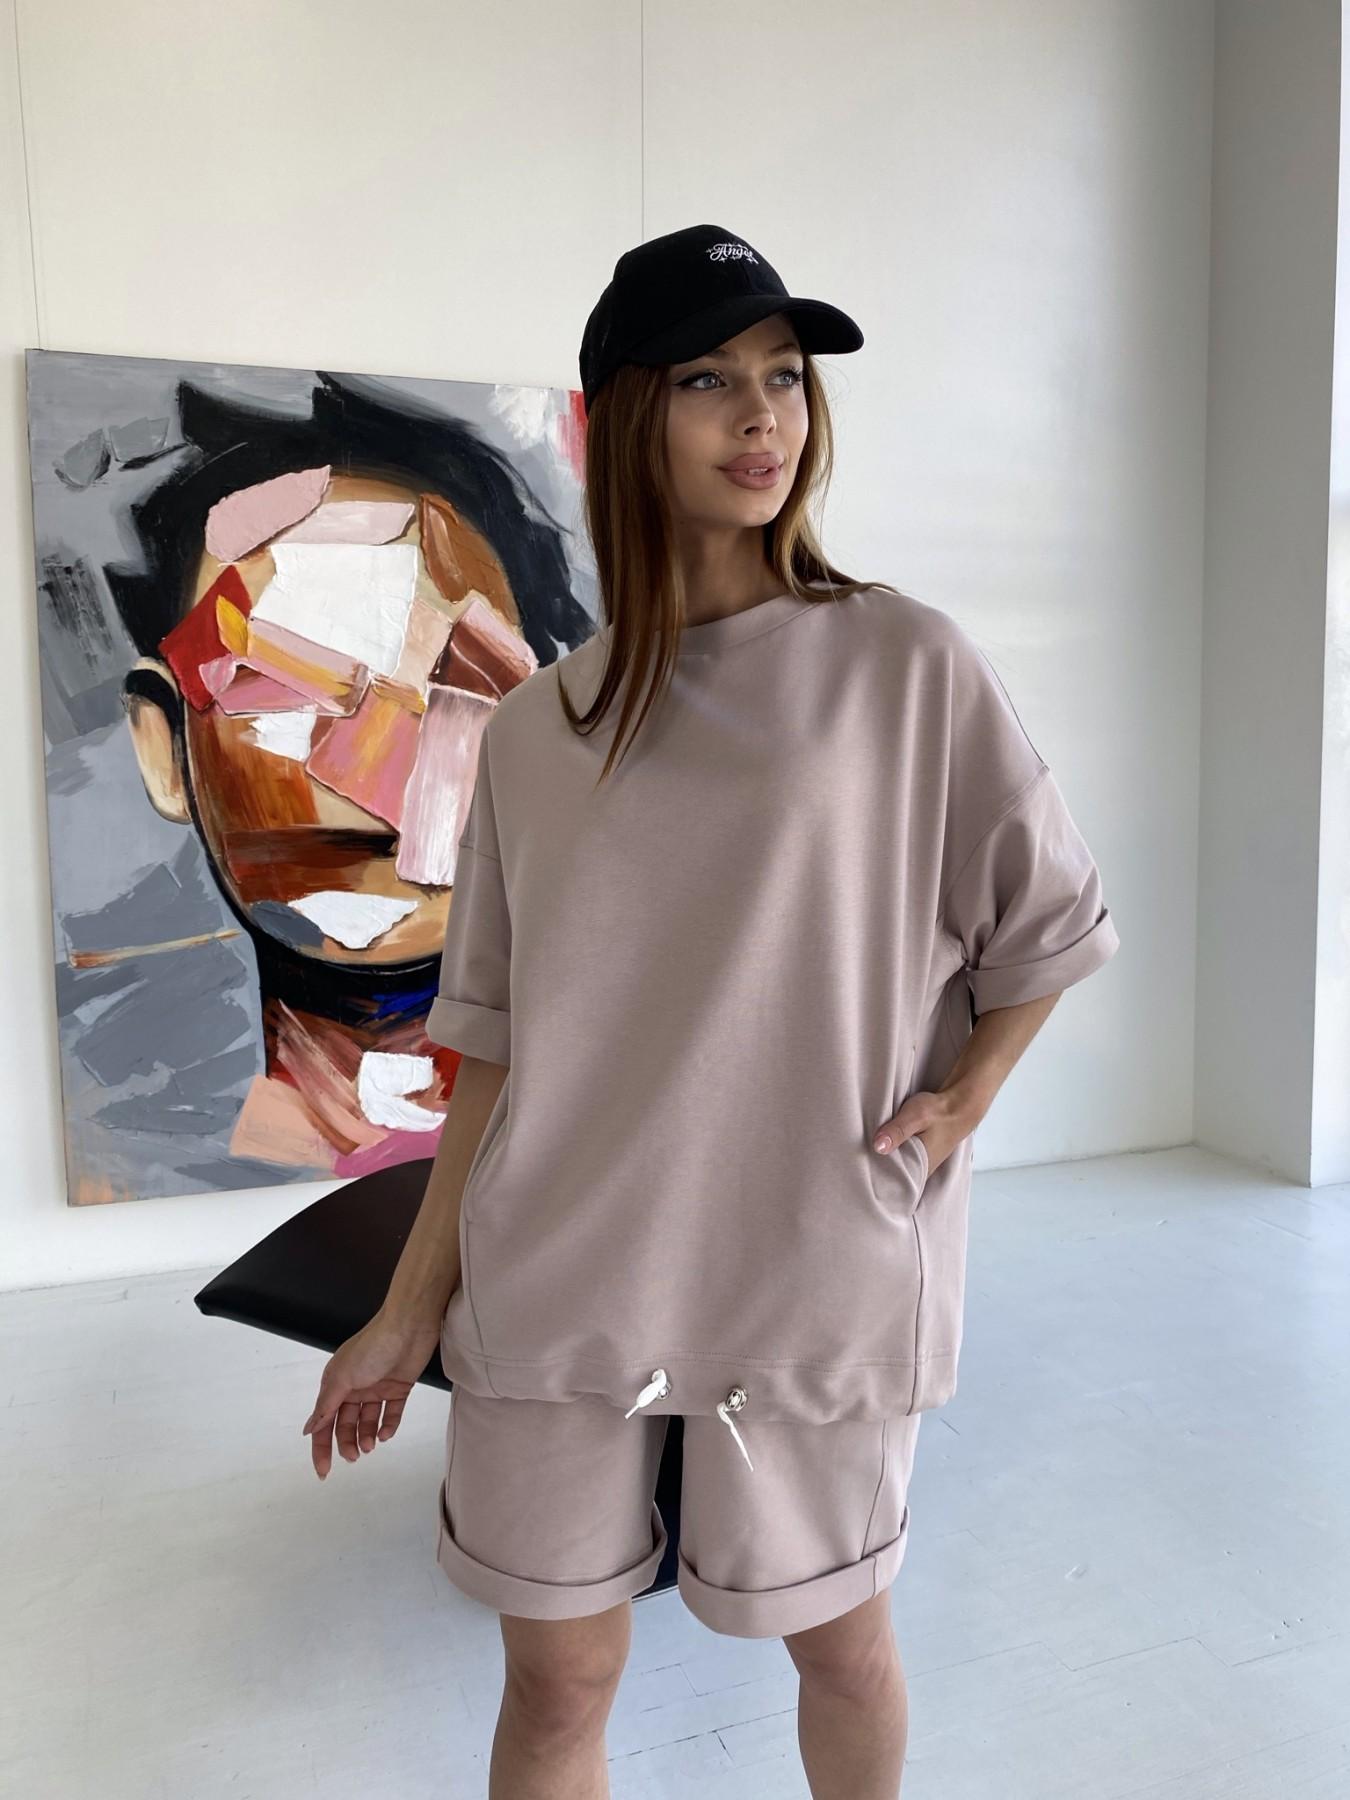 Женская одежда оптом от производителя Фарт 3 костюм трикотажный 2х нитка из вискозы 11394